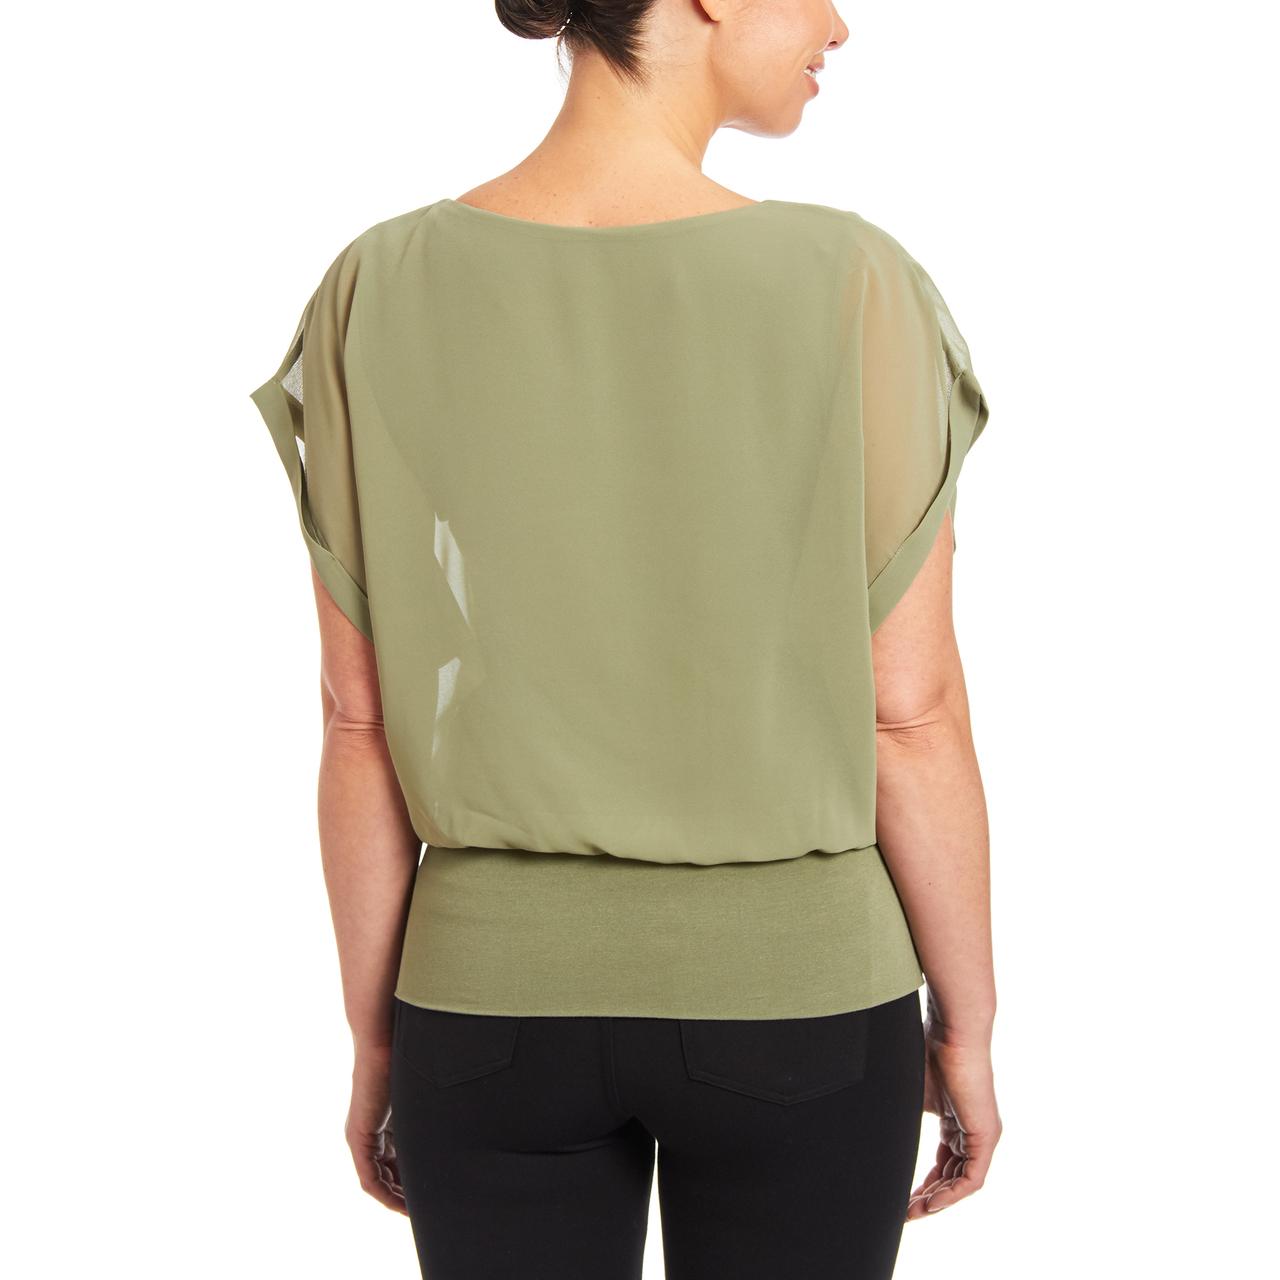 Dolman Short Sleeve Blouse in Fern Green